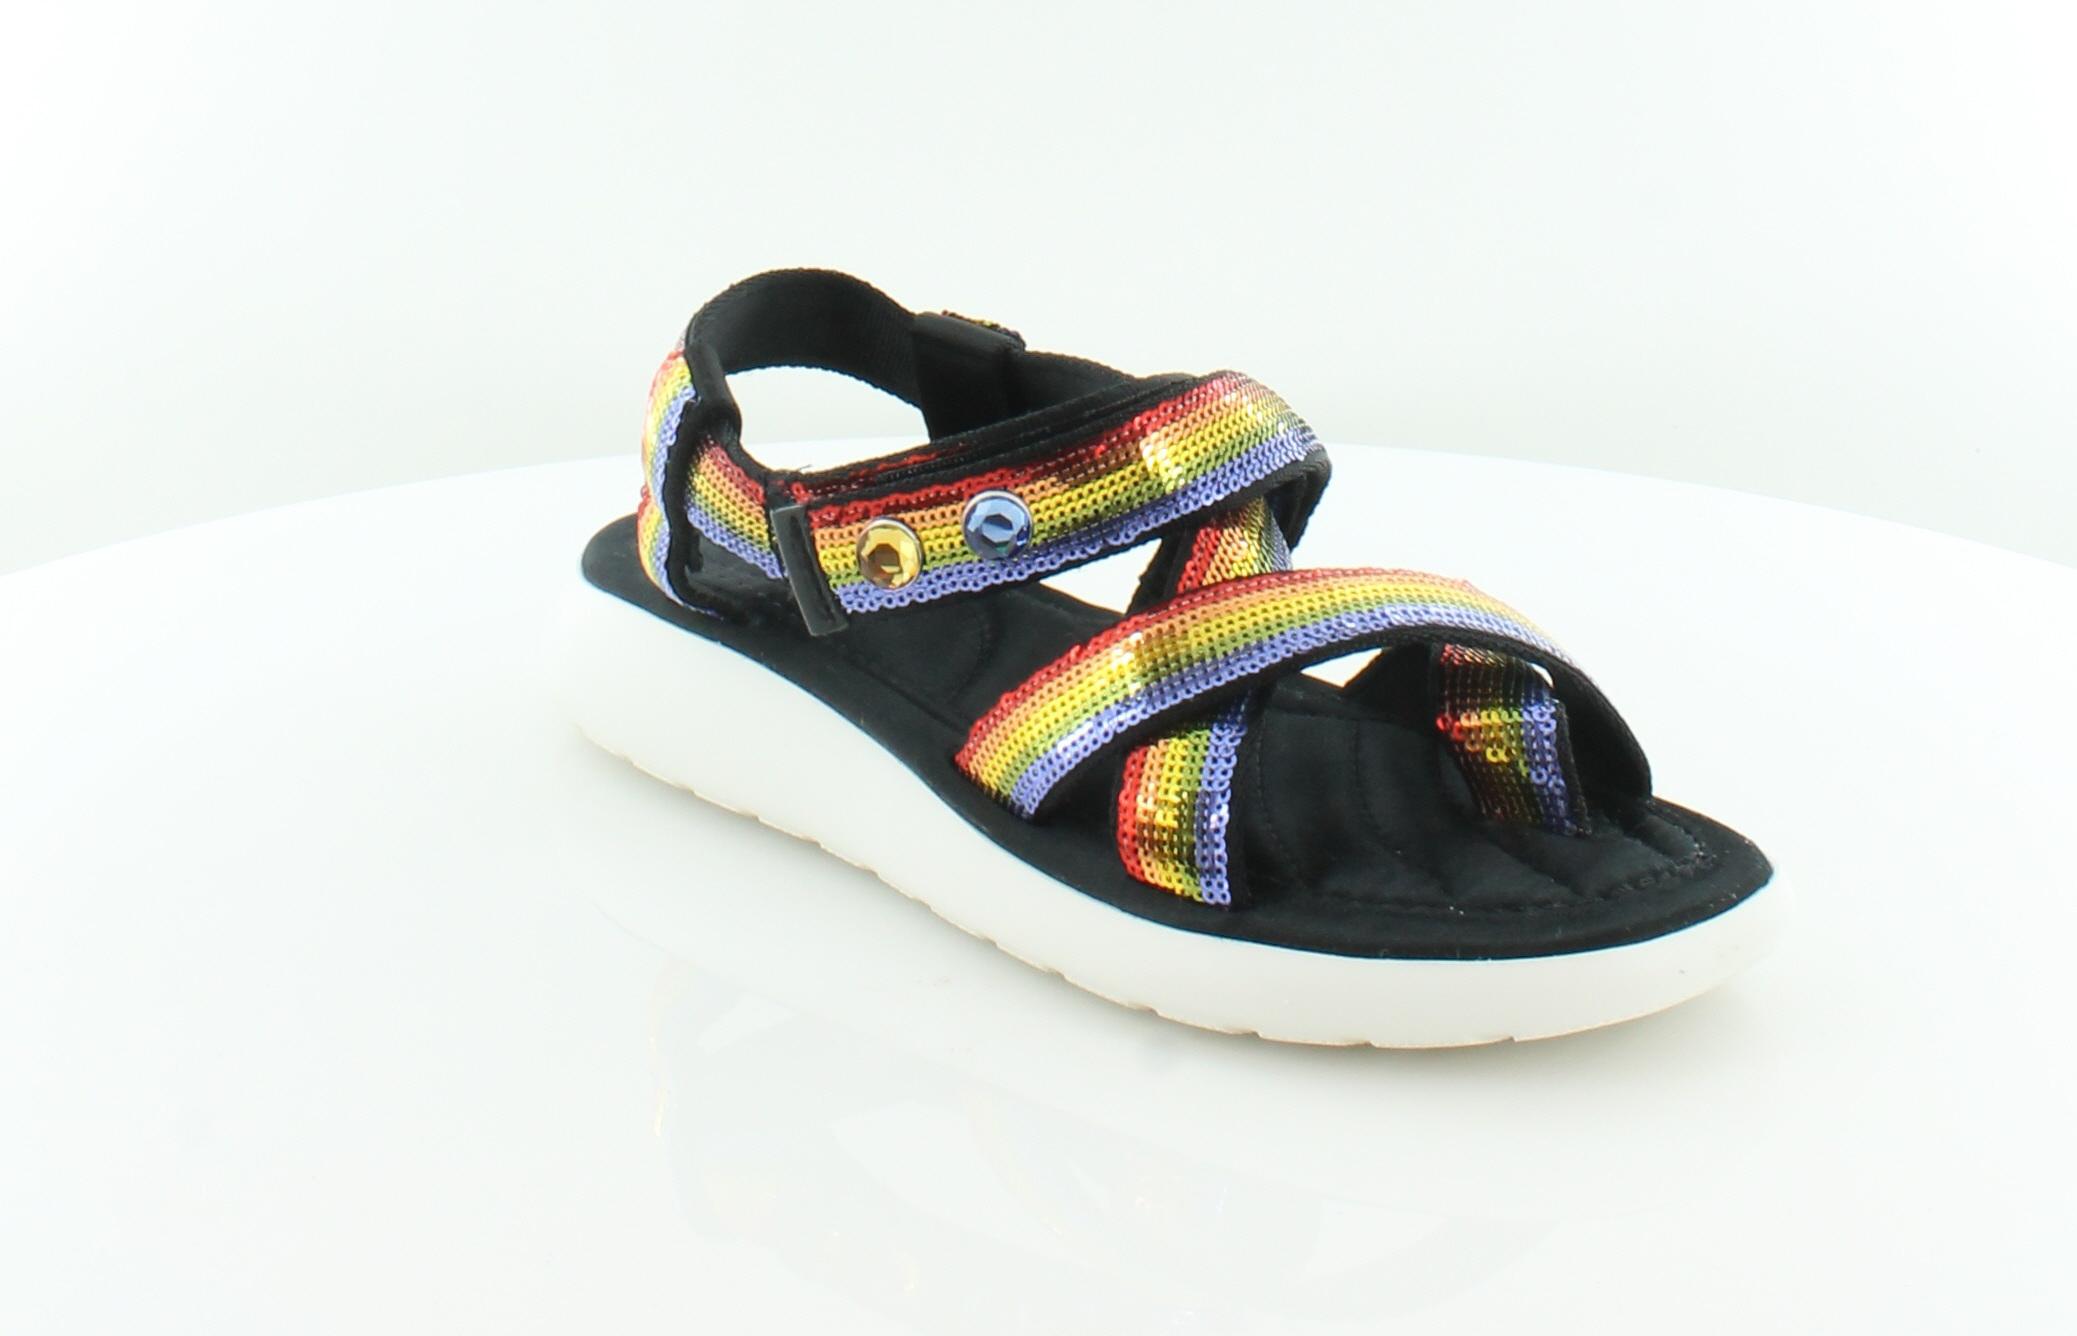 3abc22d950b Marc By Marc Jacobs Comet Women s Sandals Rainbow